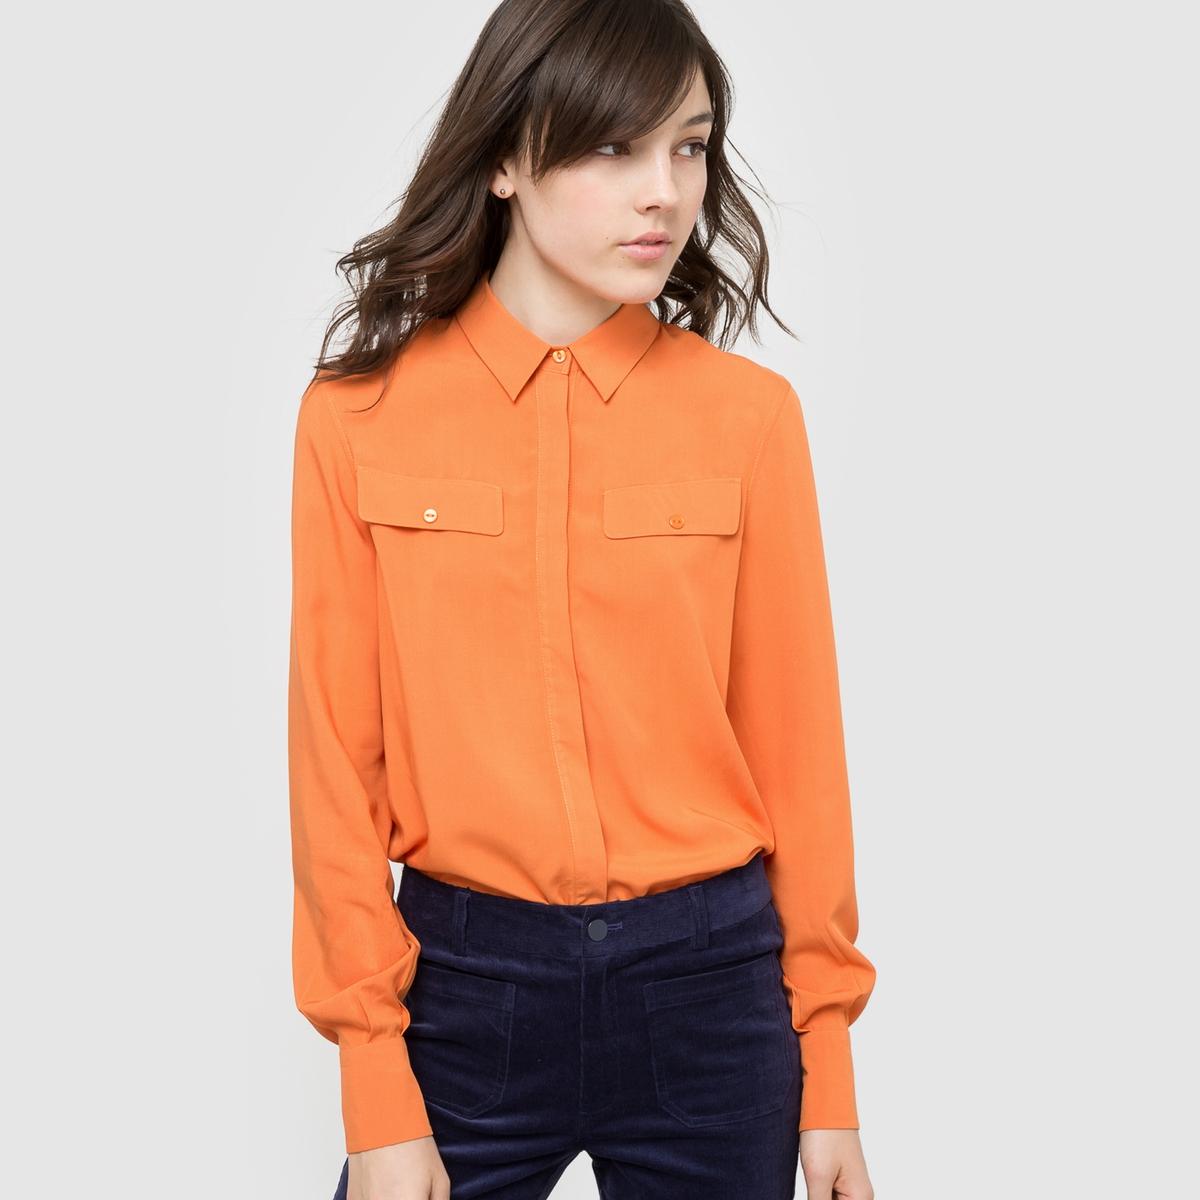 Рубашка струящаясяСостав и детали :Материал: 100% вискозыДлина: 65 смМарка: R ?dition   Уход :- Машинная стирка при 30°С с вещами схожих цветов.Стирать и гладить с изнаночной стороны.<br><br>Цвет: оранжевый<br>Размер: 40 (FR) - 46 (RUS)